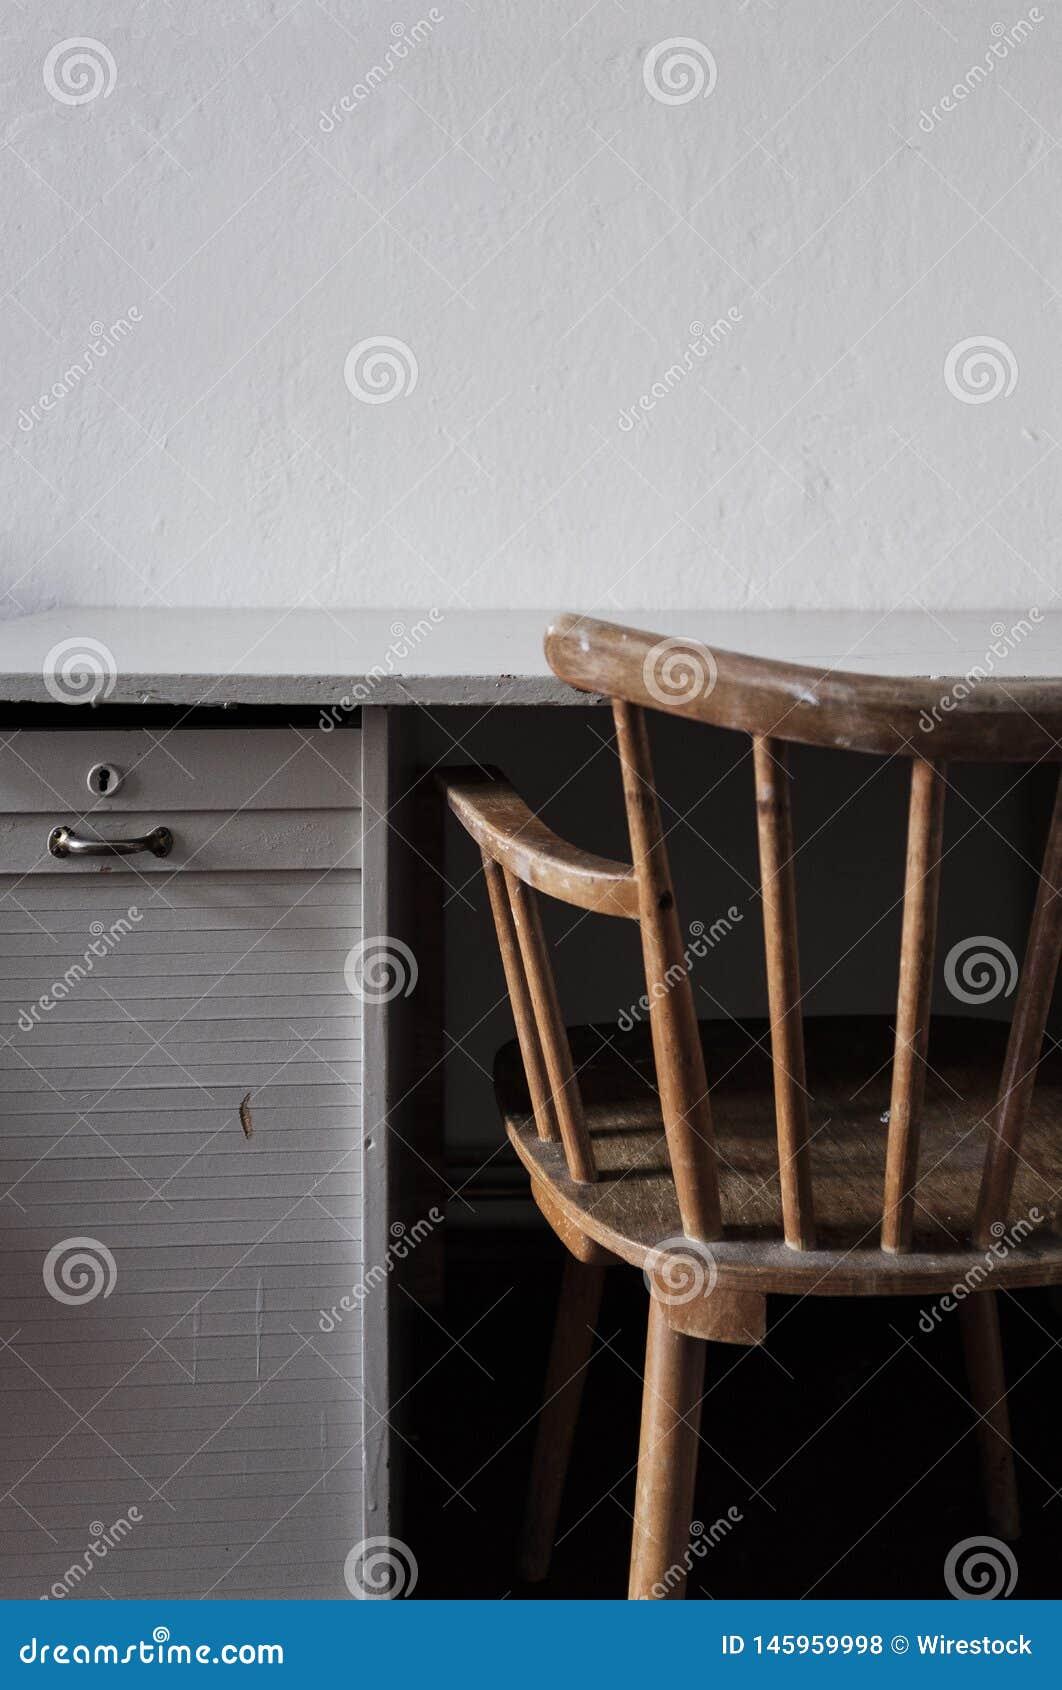 Εκλεκτής ποιότητας καρέκλα με το γραφείο